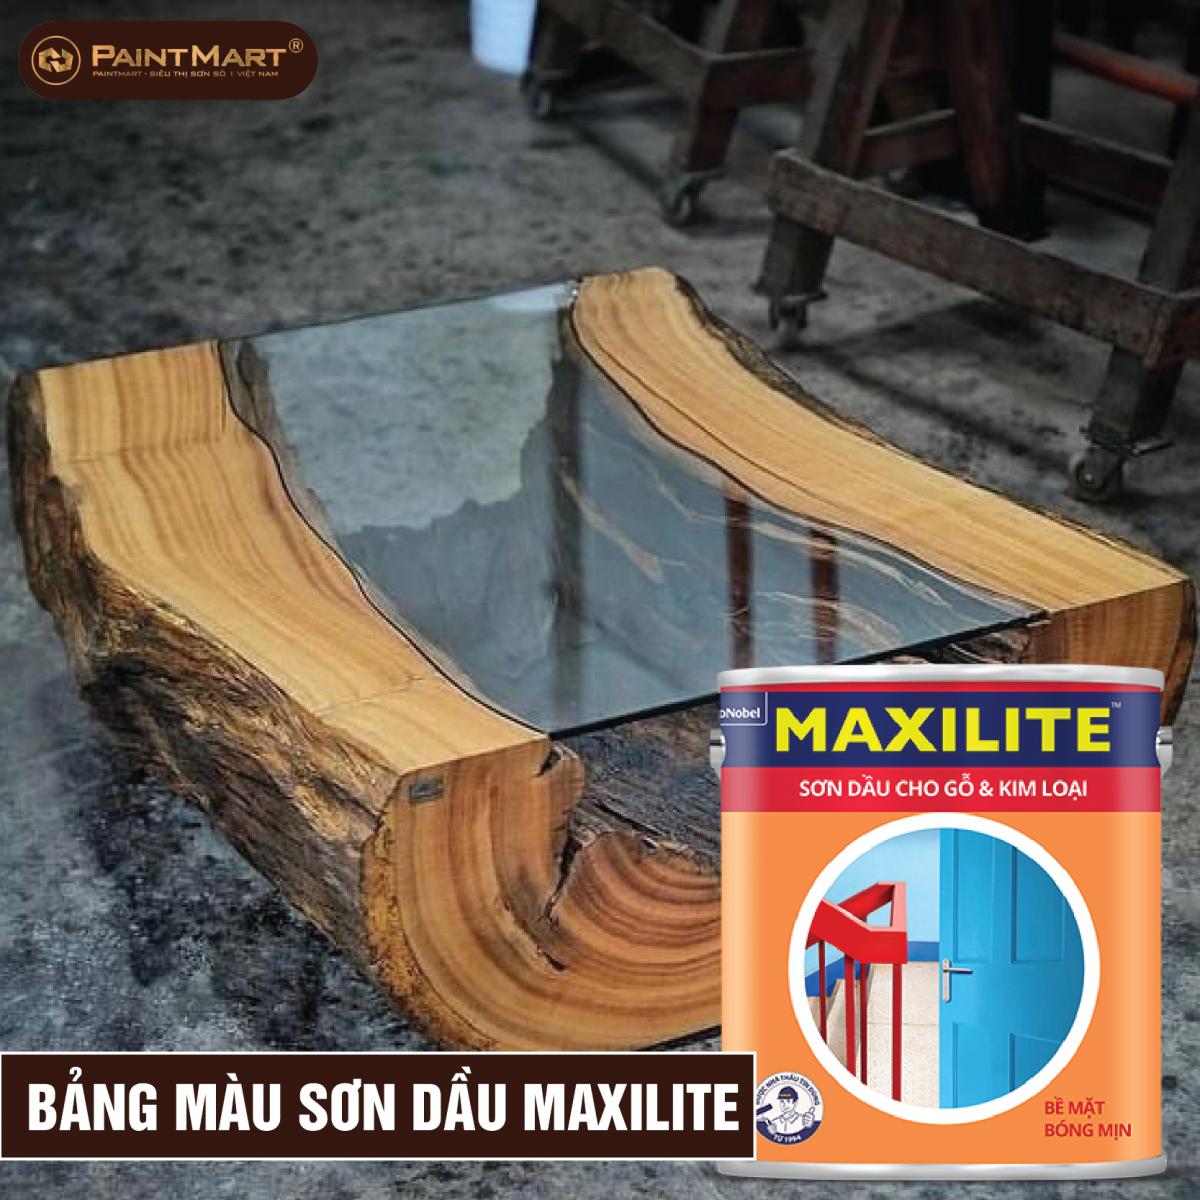 Bảng màu sơn dầu Maxilite